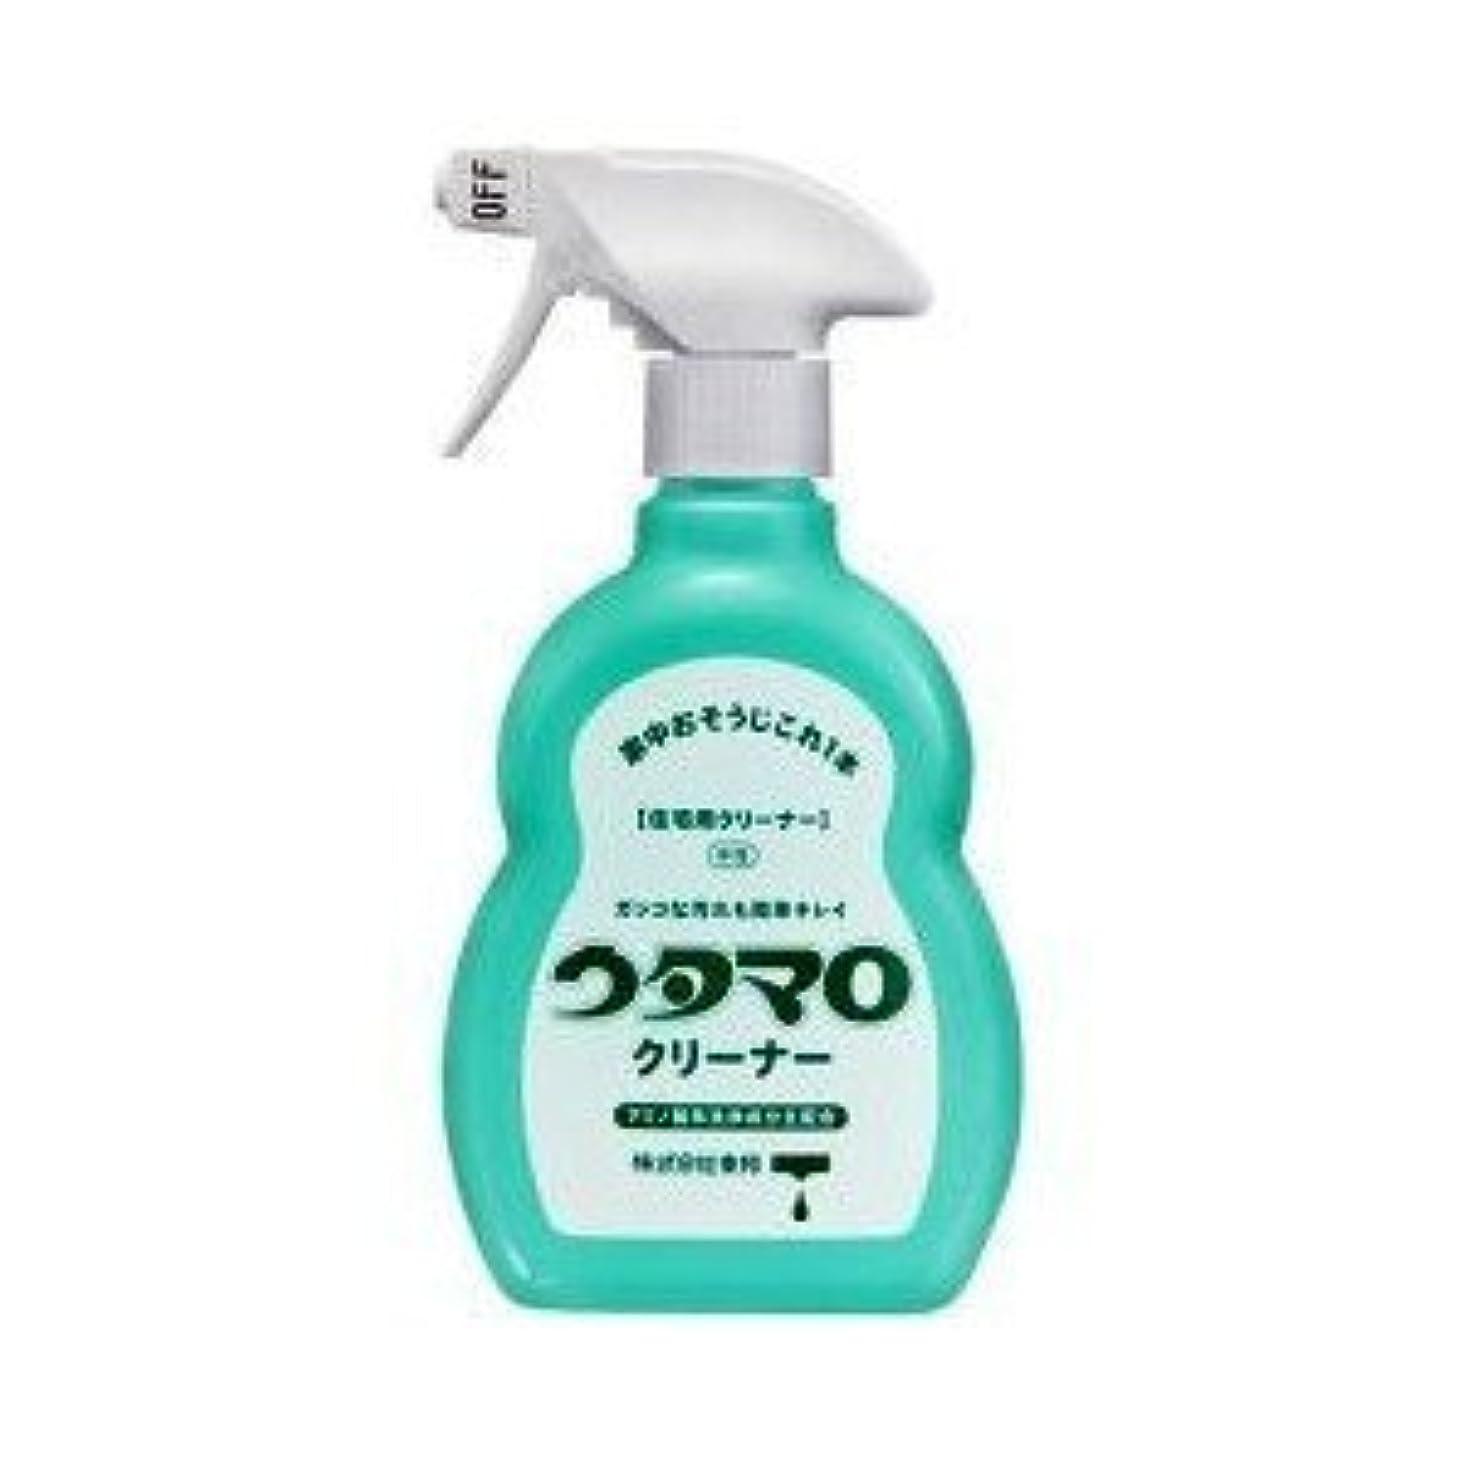 買い物に行く免除する代わりのウタマロ クリーナー 400ml 洗剤 住居用 アミノ酸系洗浄成分主配合 さわやかなグリーンハーブの香り